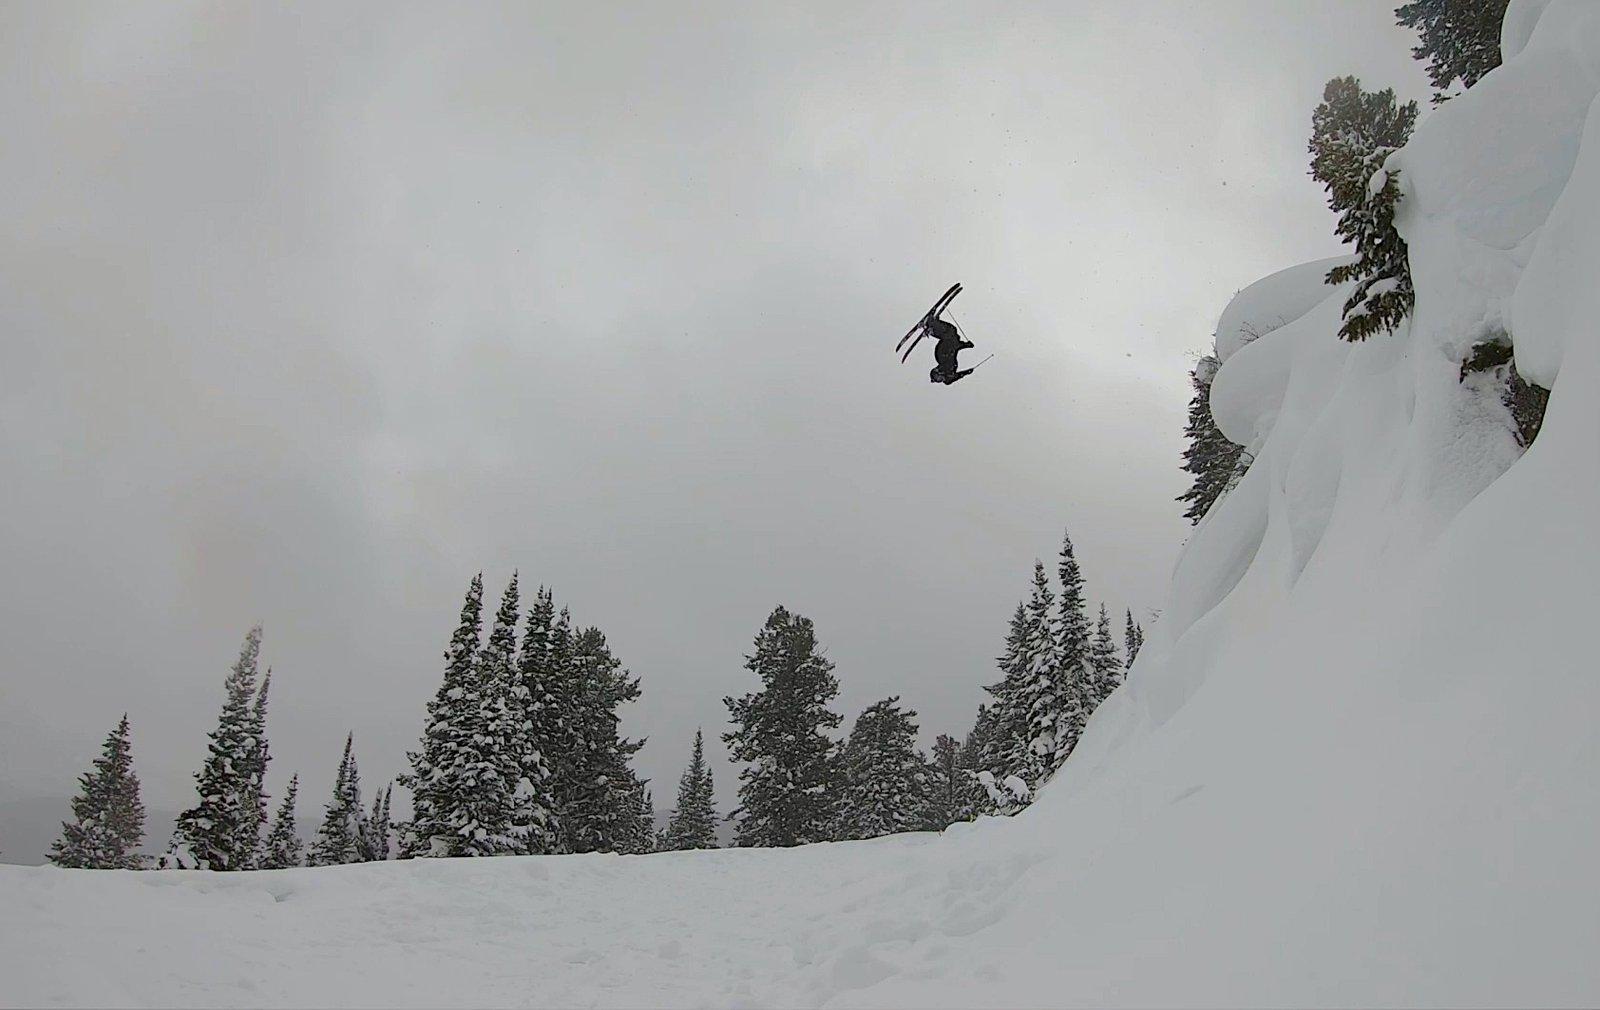 Teton Pass road gap